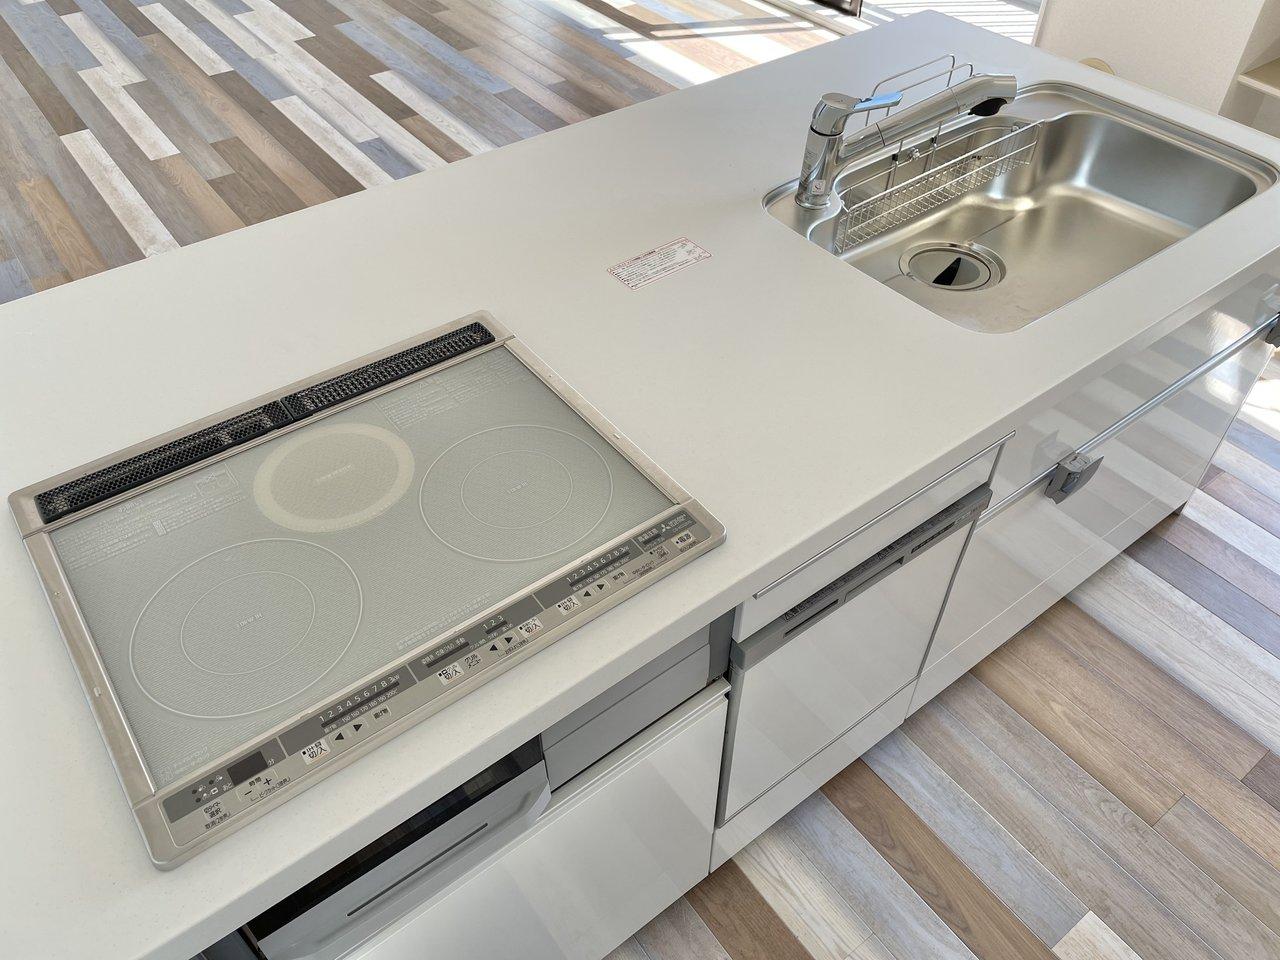 天板も真っ白。人工大理石のキッチンは、作業スペースも広めで料理がしやすそうですね。